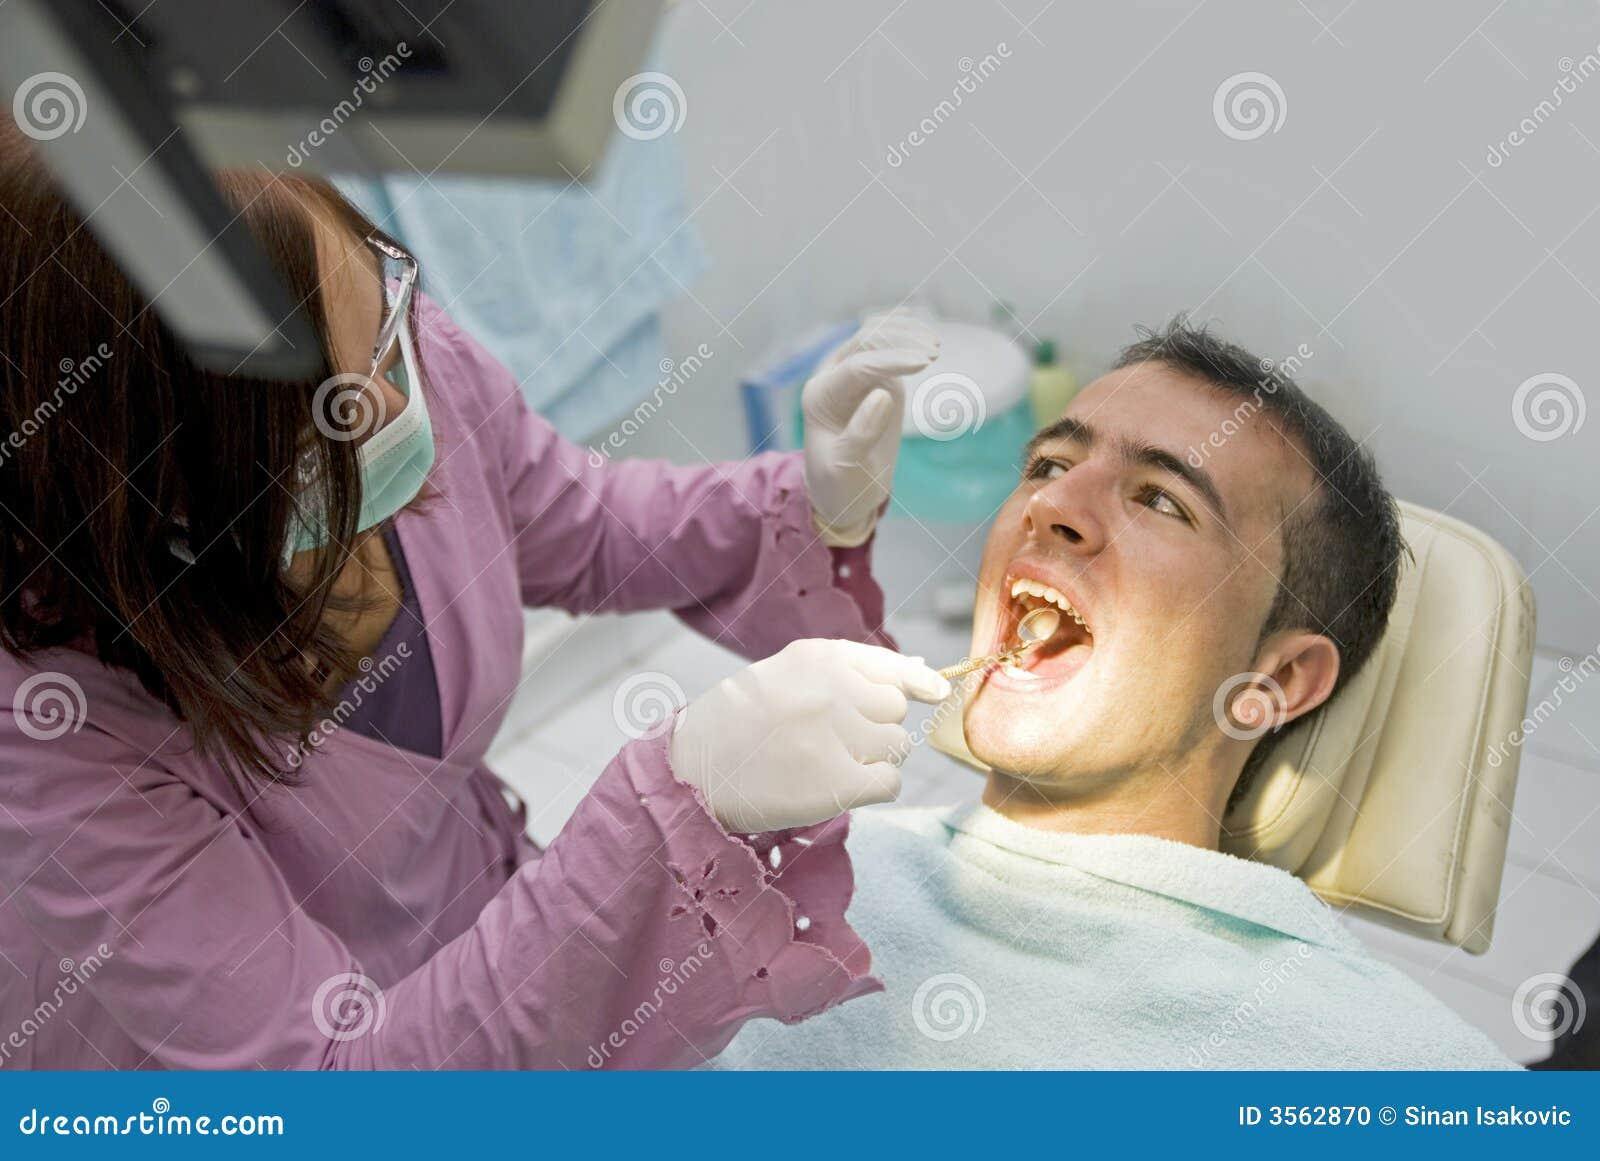 боль дантиста